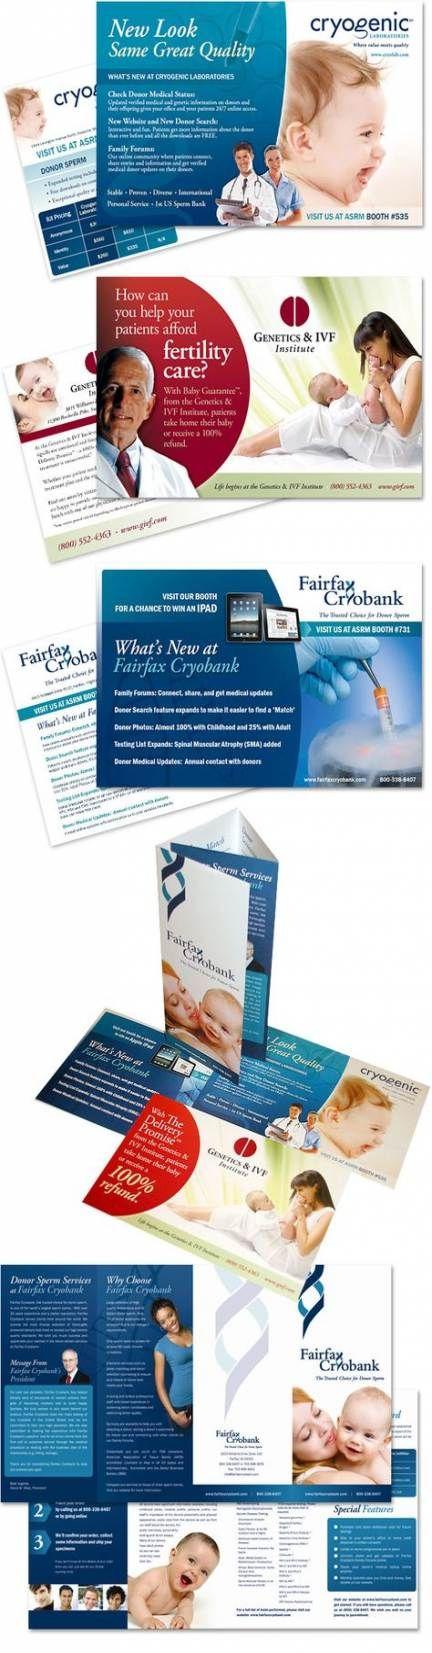 Medical brochure design inspiration 61+ Ideas #medical #design